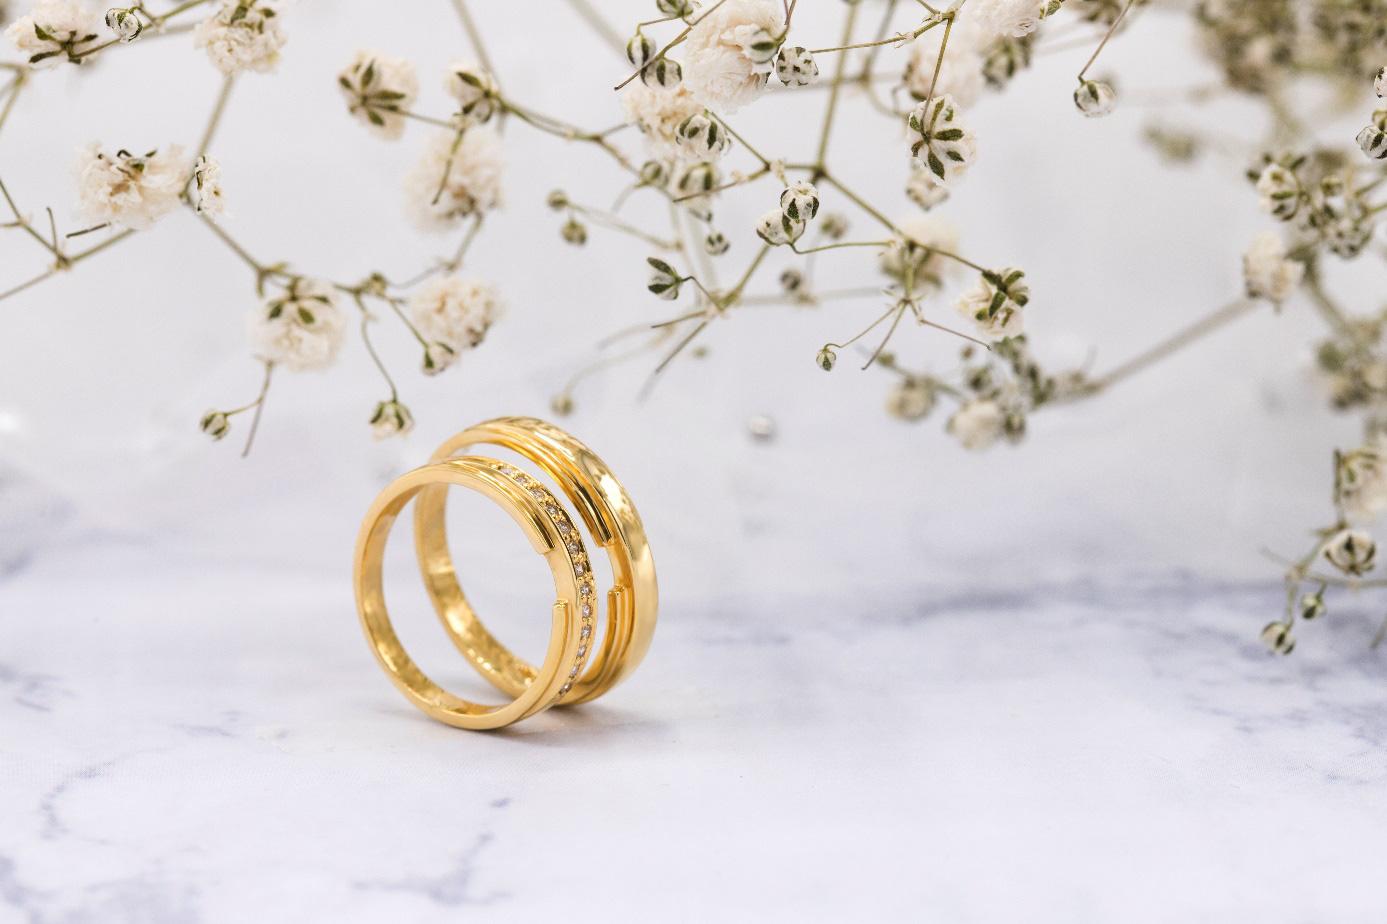 Xu hướng nhẫn cưới đơn giản và tinh tế lên ngôi đầu năm 2021 - Ảnh 4.